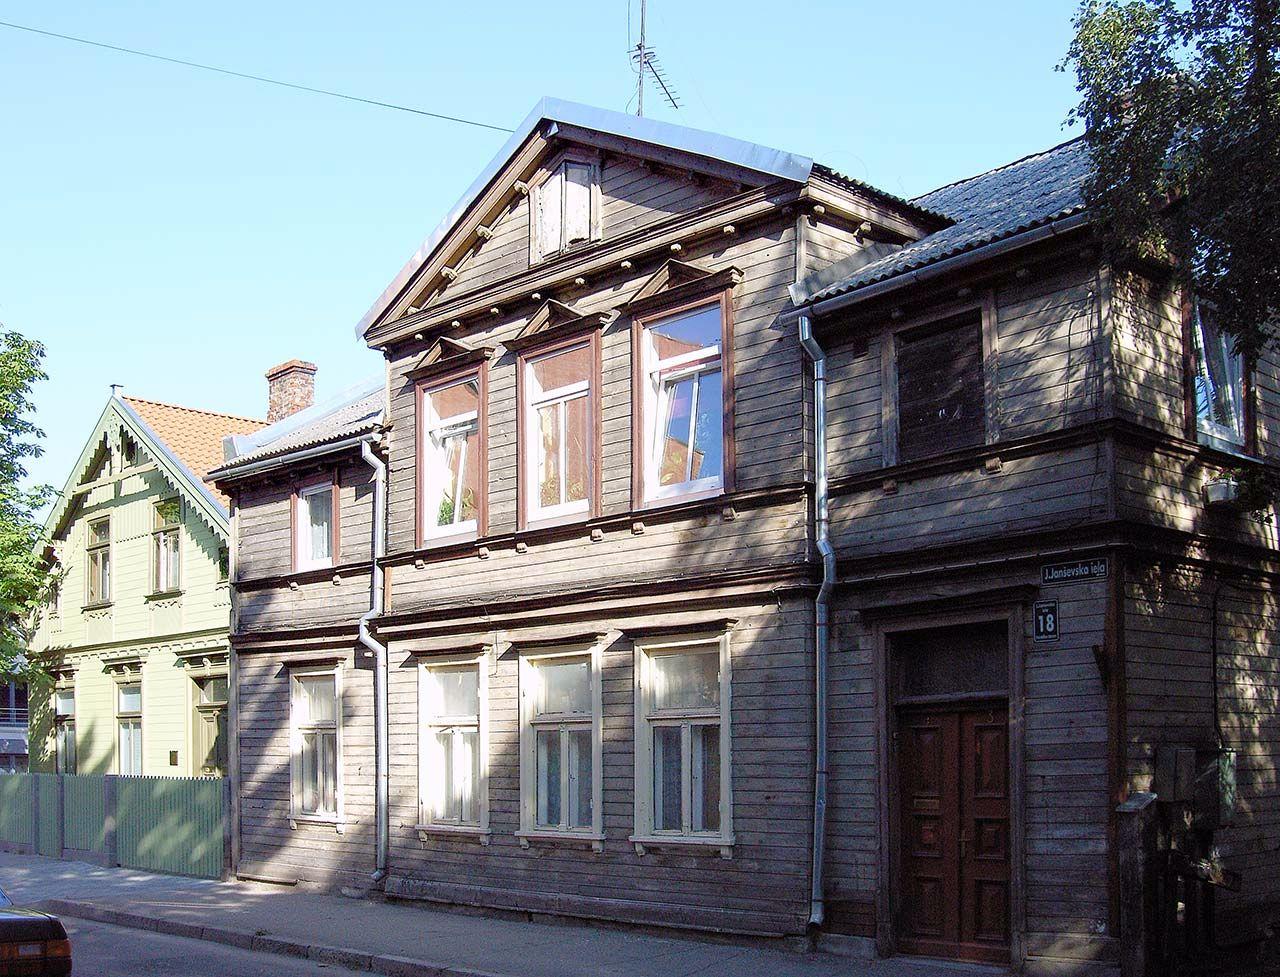 Holzhaus in Liepaja, Lettland. Bild: Ventus Reisen